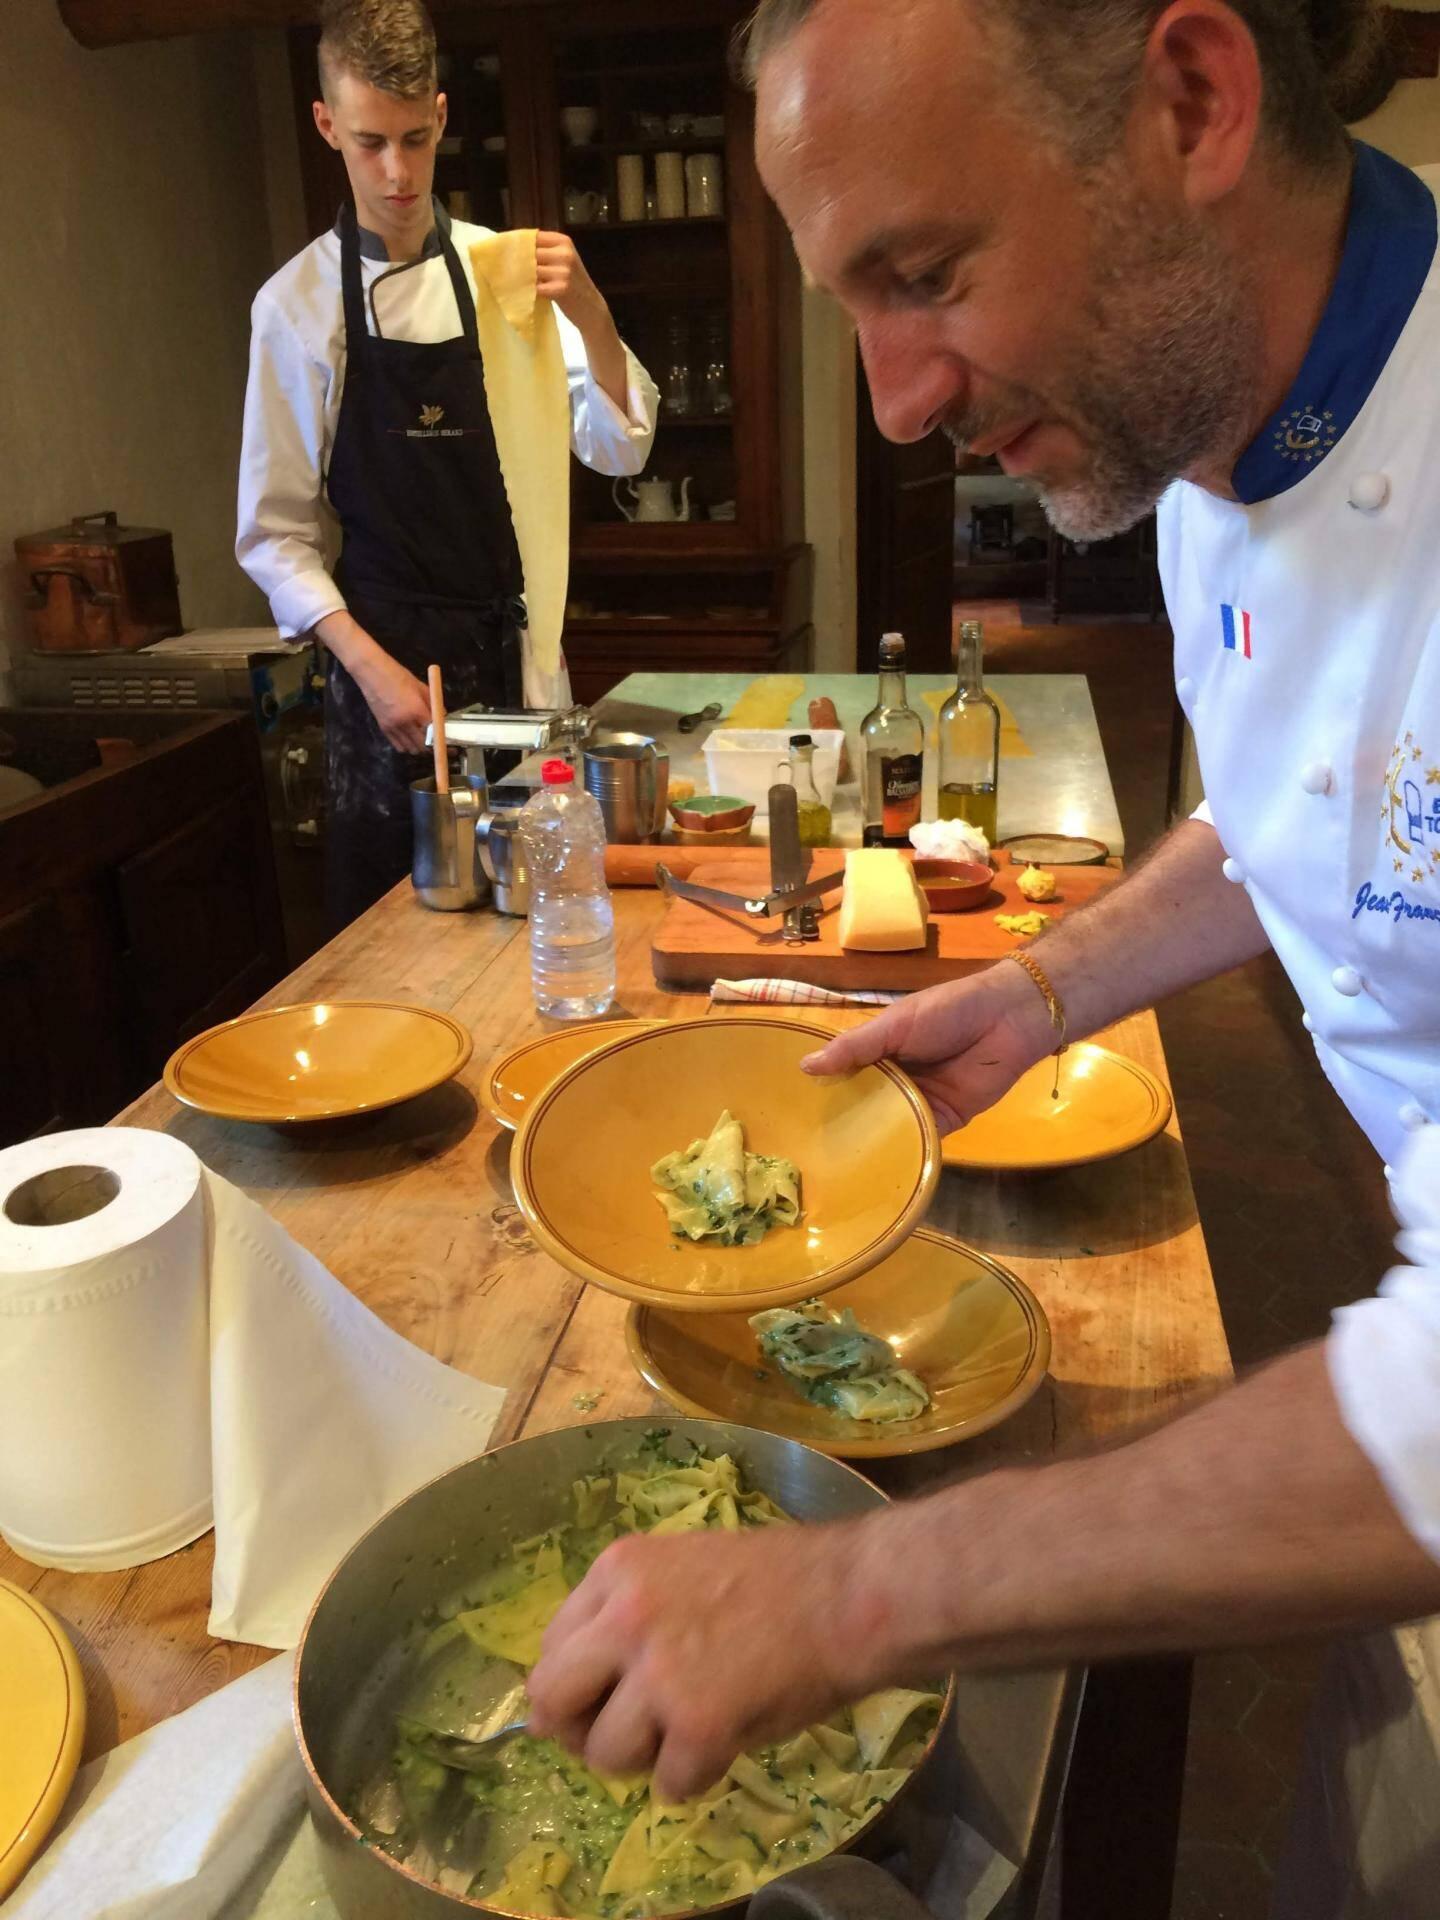 ... que le chef étoilé Jean-François Bérard dresse délicatement dans les assiettes. Miam!